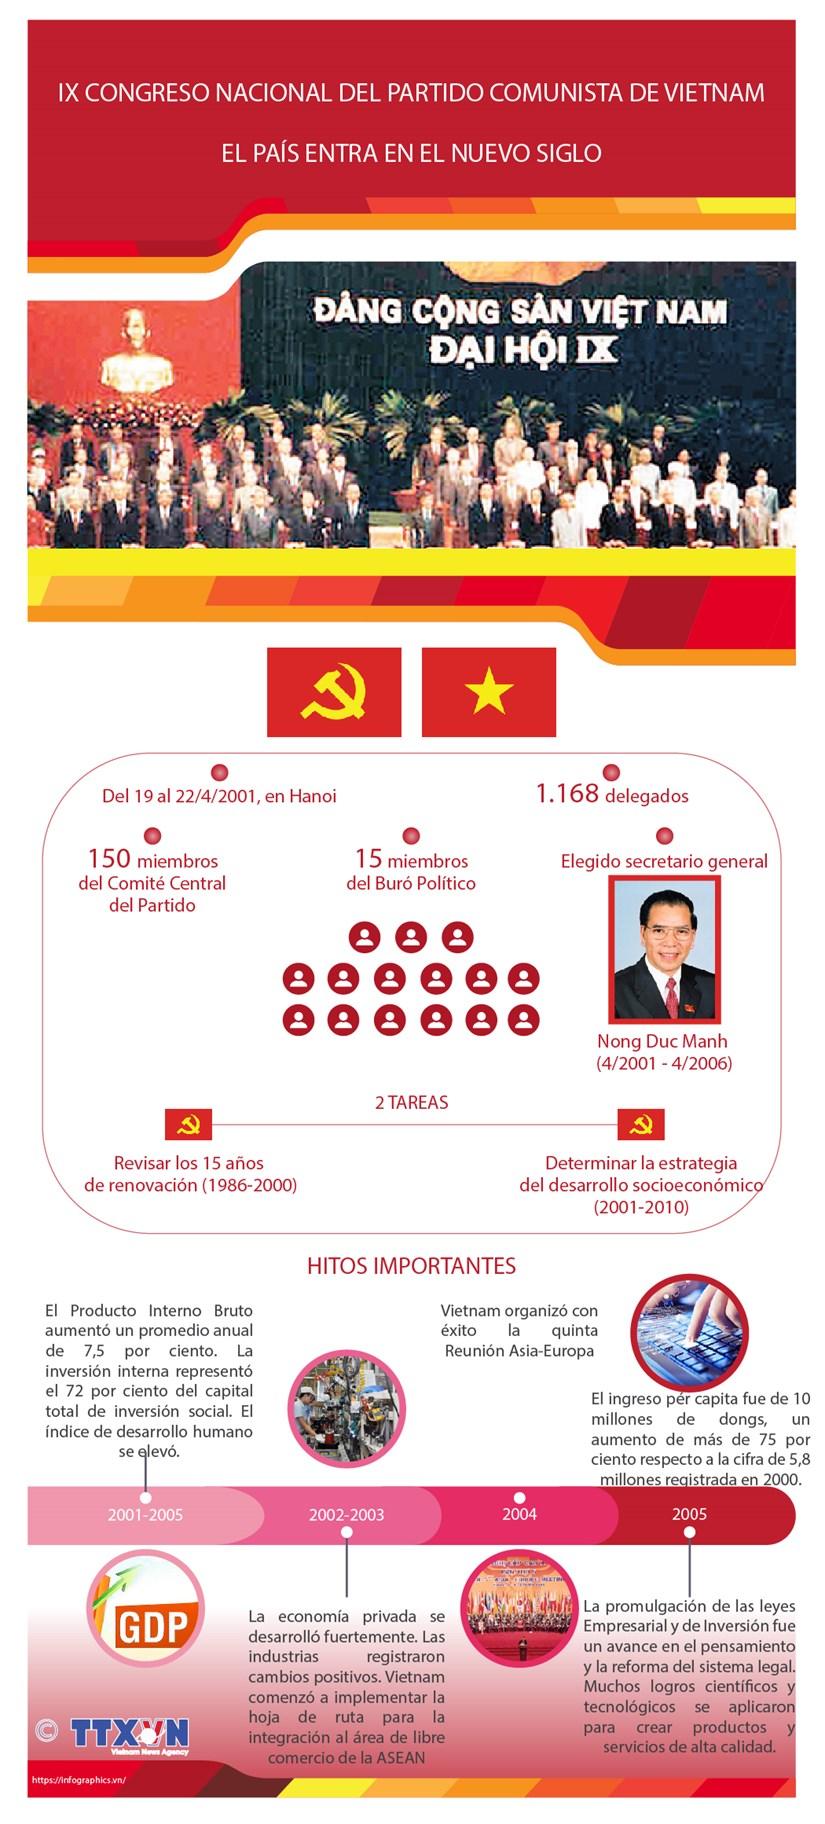 El IX Congreso Nacional del Partido Comunista de Vietnam: El pais entra en el nuevo siglo hinh anh 1